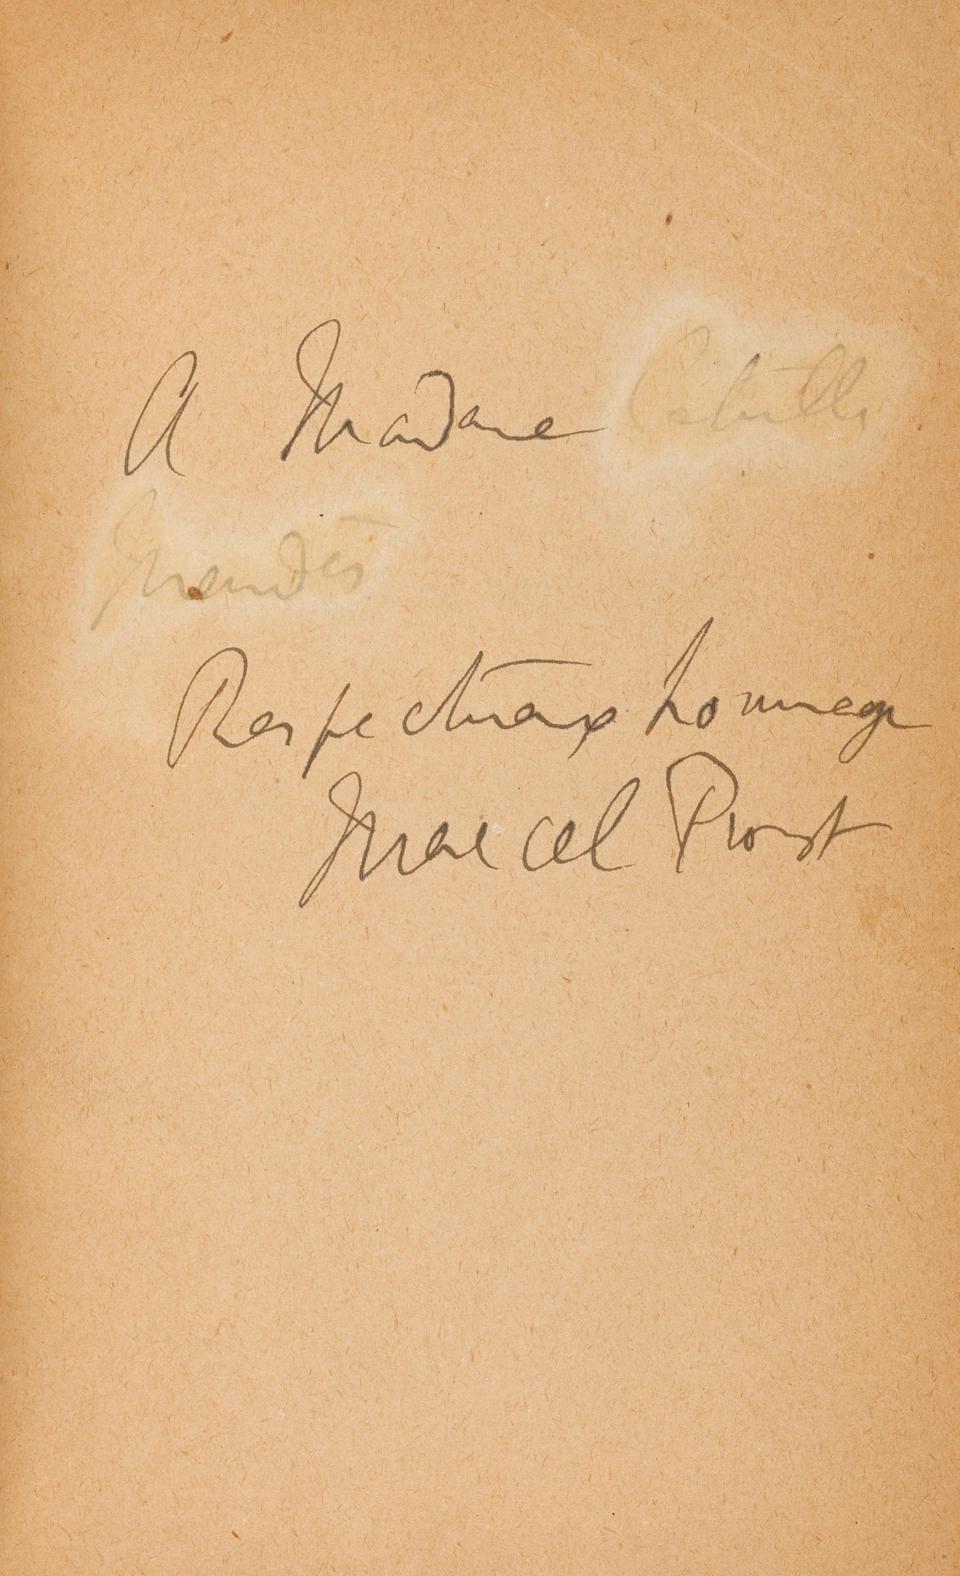 PROUST, MARCEL. 1871-1922. Du coté de chez Swann. Paris: Bernard Grasset, 1913.